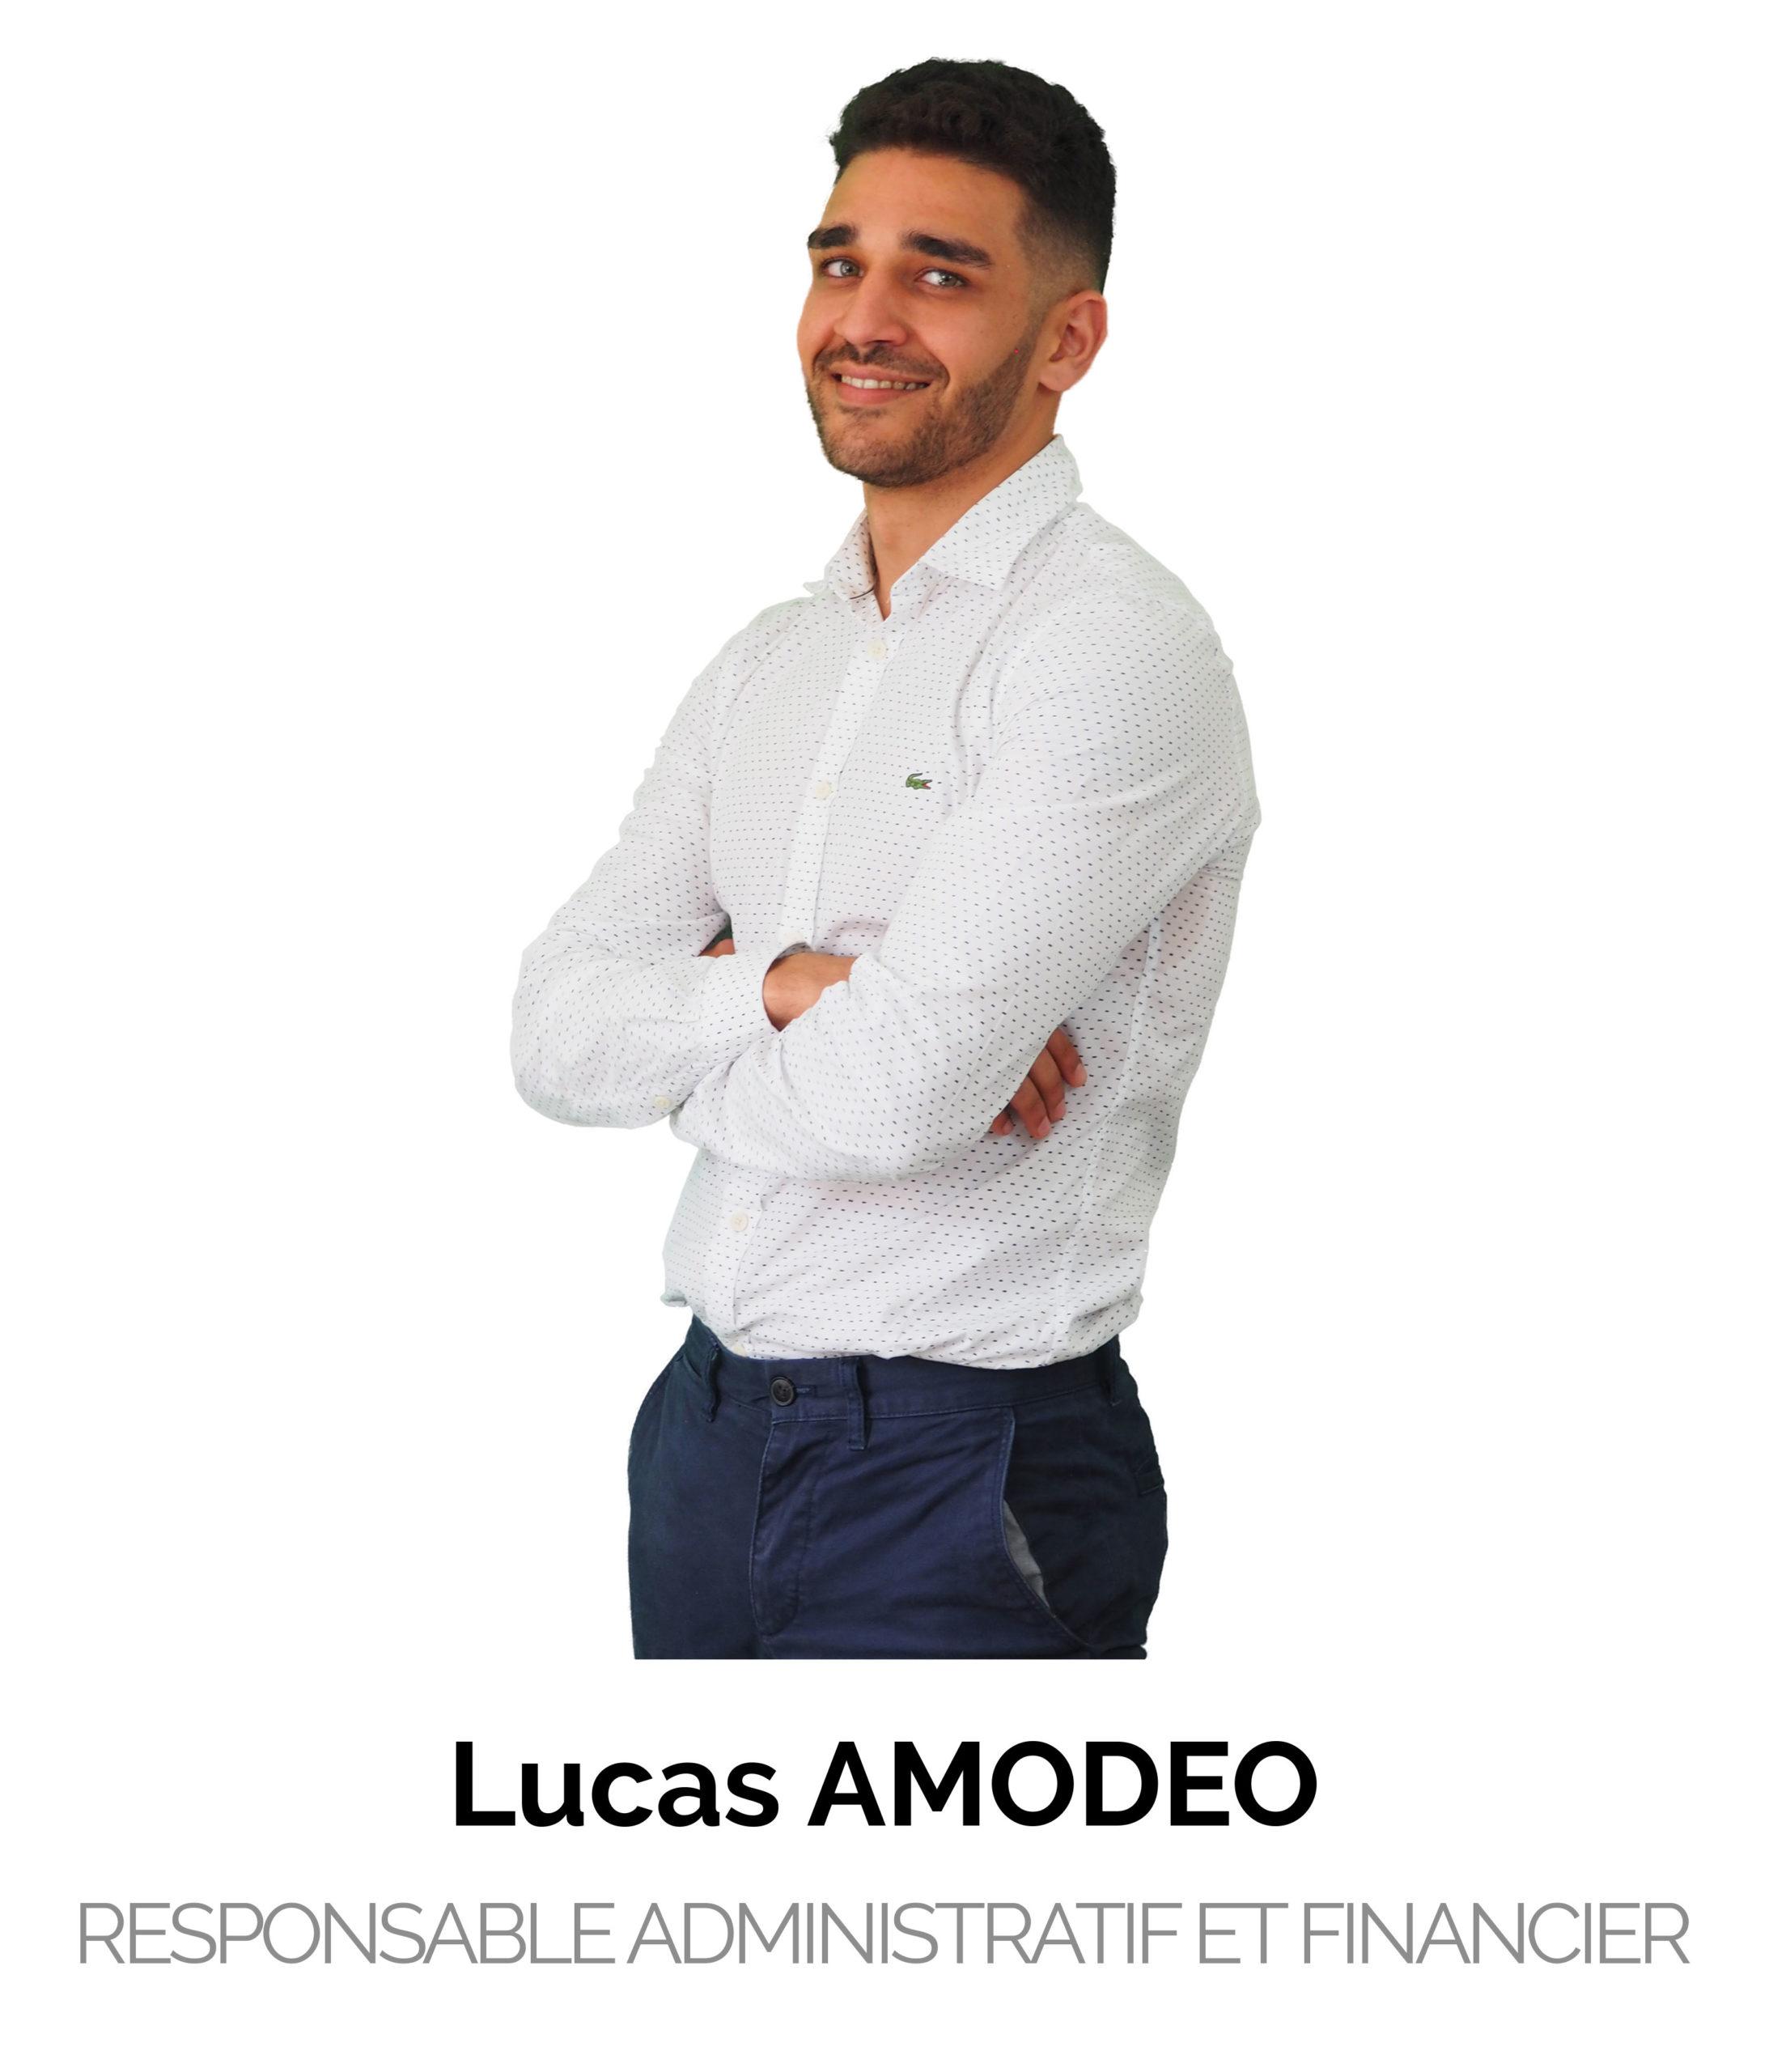 Lucas Amodeo Responsable Administratif et Financier